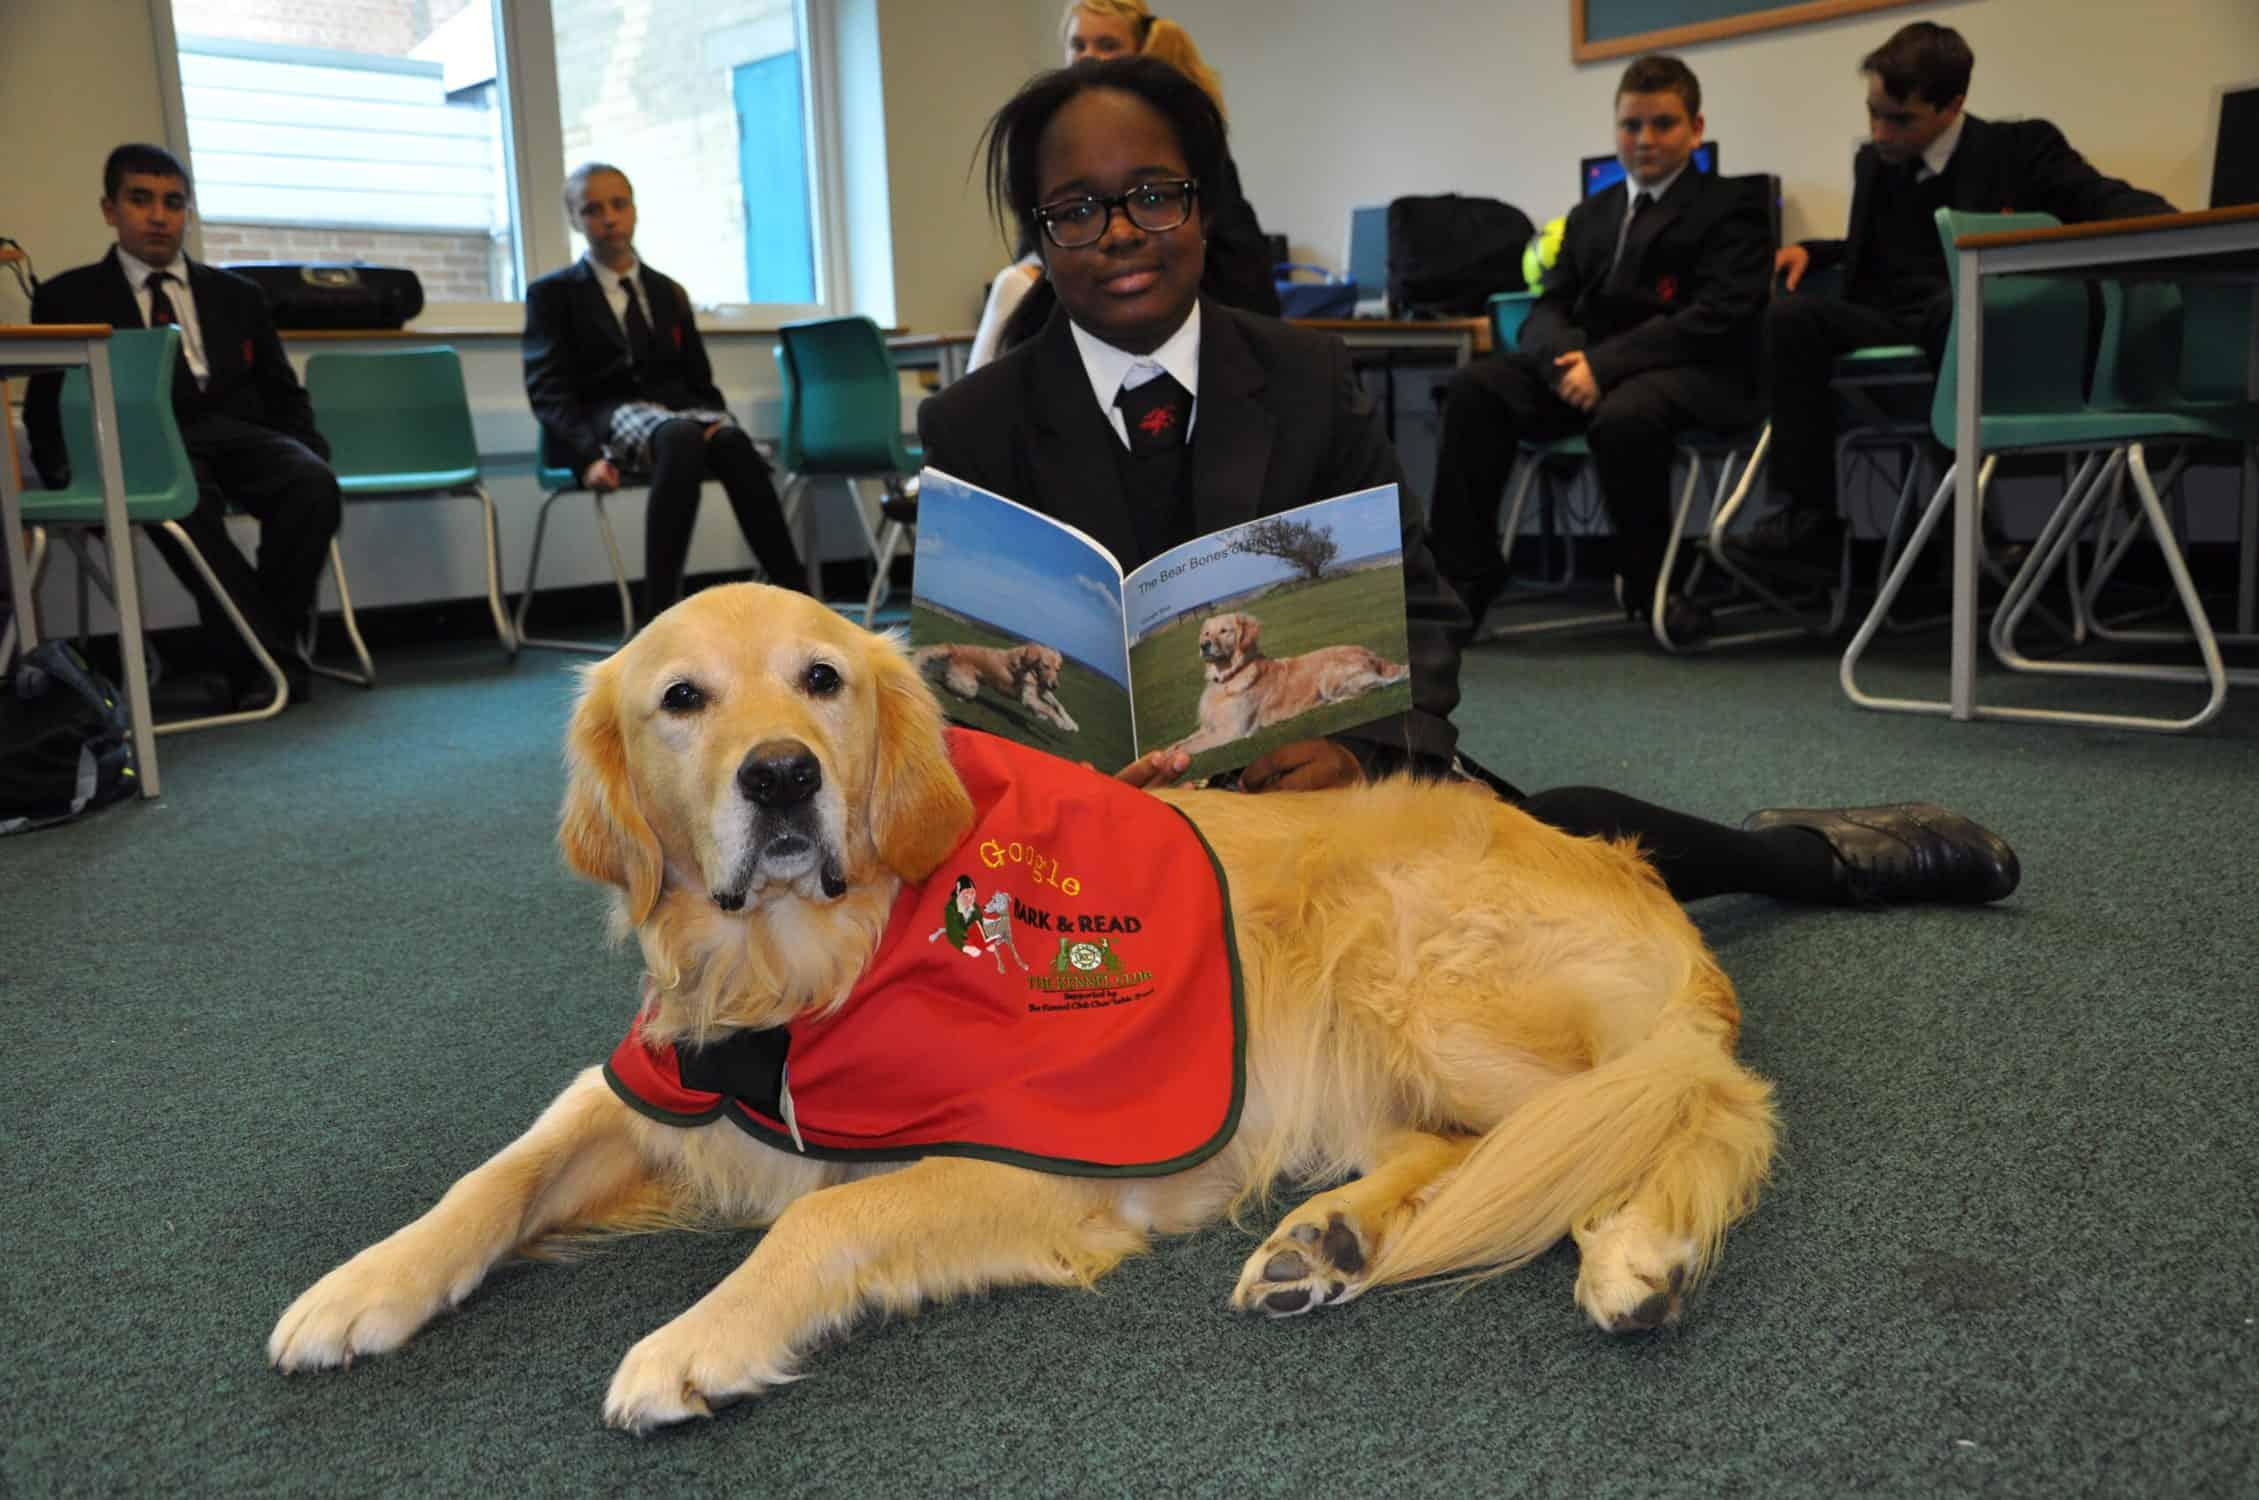 Quando i bambini leggono ai cani la loro capacità di lettura e la loro fiducia in se stessi aumentano. Il Kennel Club spiega perché è utile addestrare i cani perché ascoltino i bambini leggere nelle scuole.